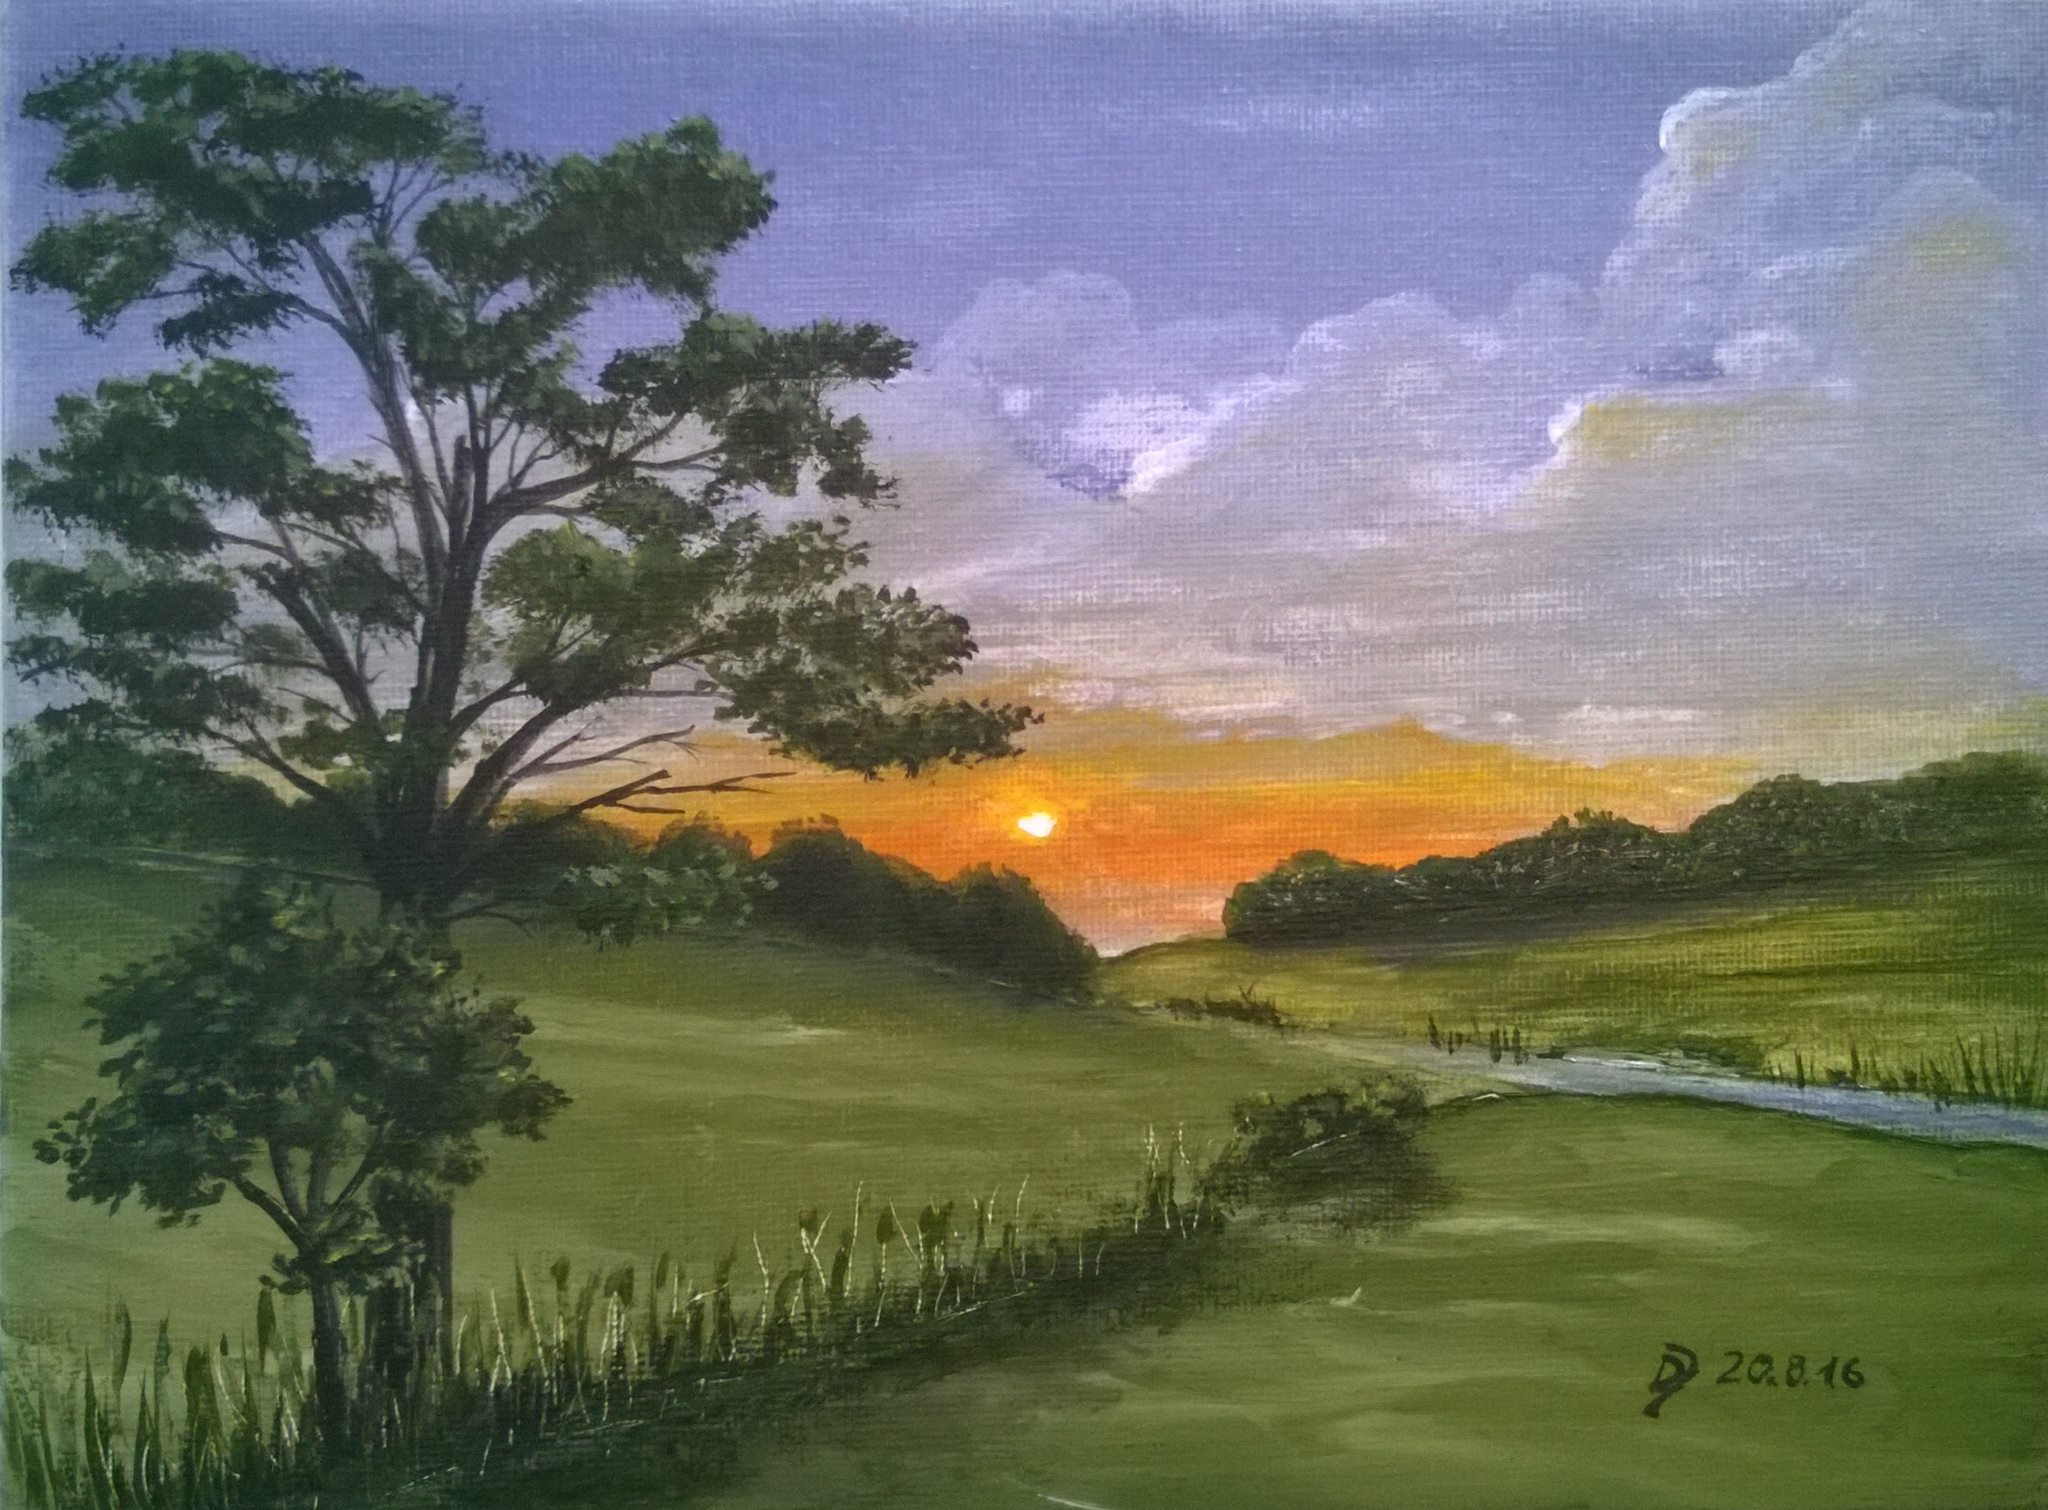 Acryl-Malkurs Online: Sonnenuntergang In Der Natur   Malen für Malkurs Online